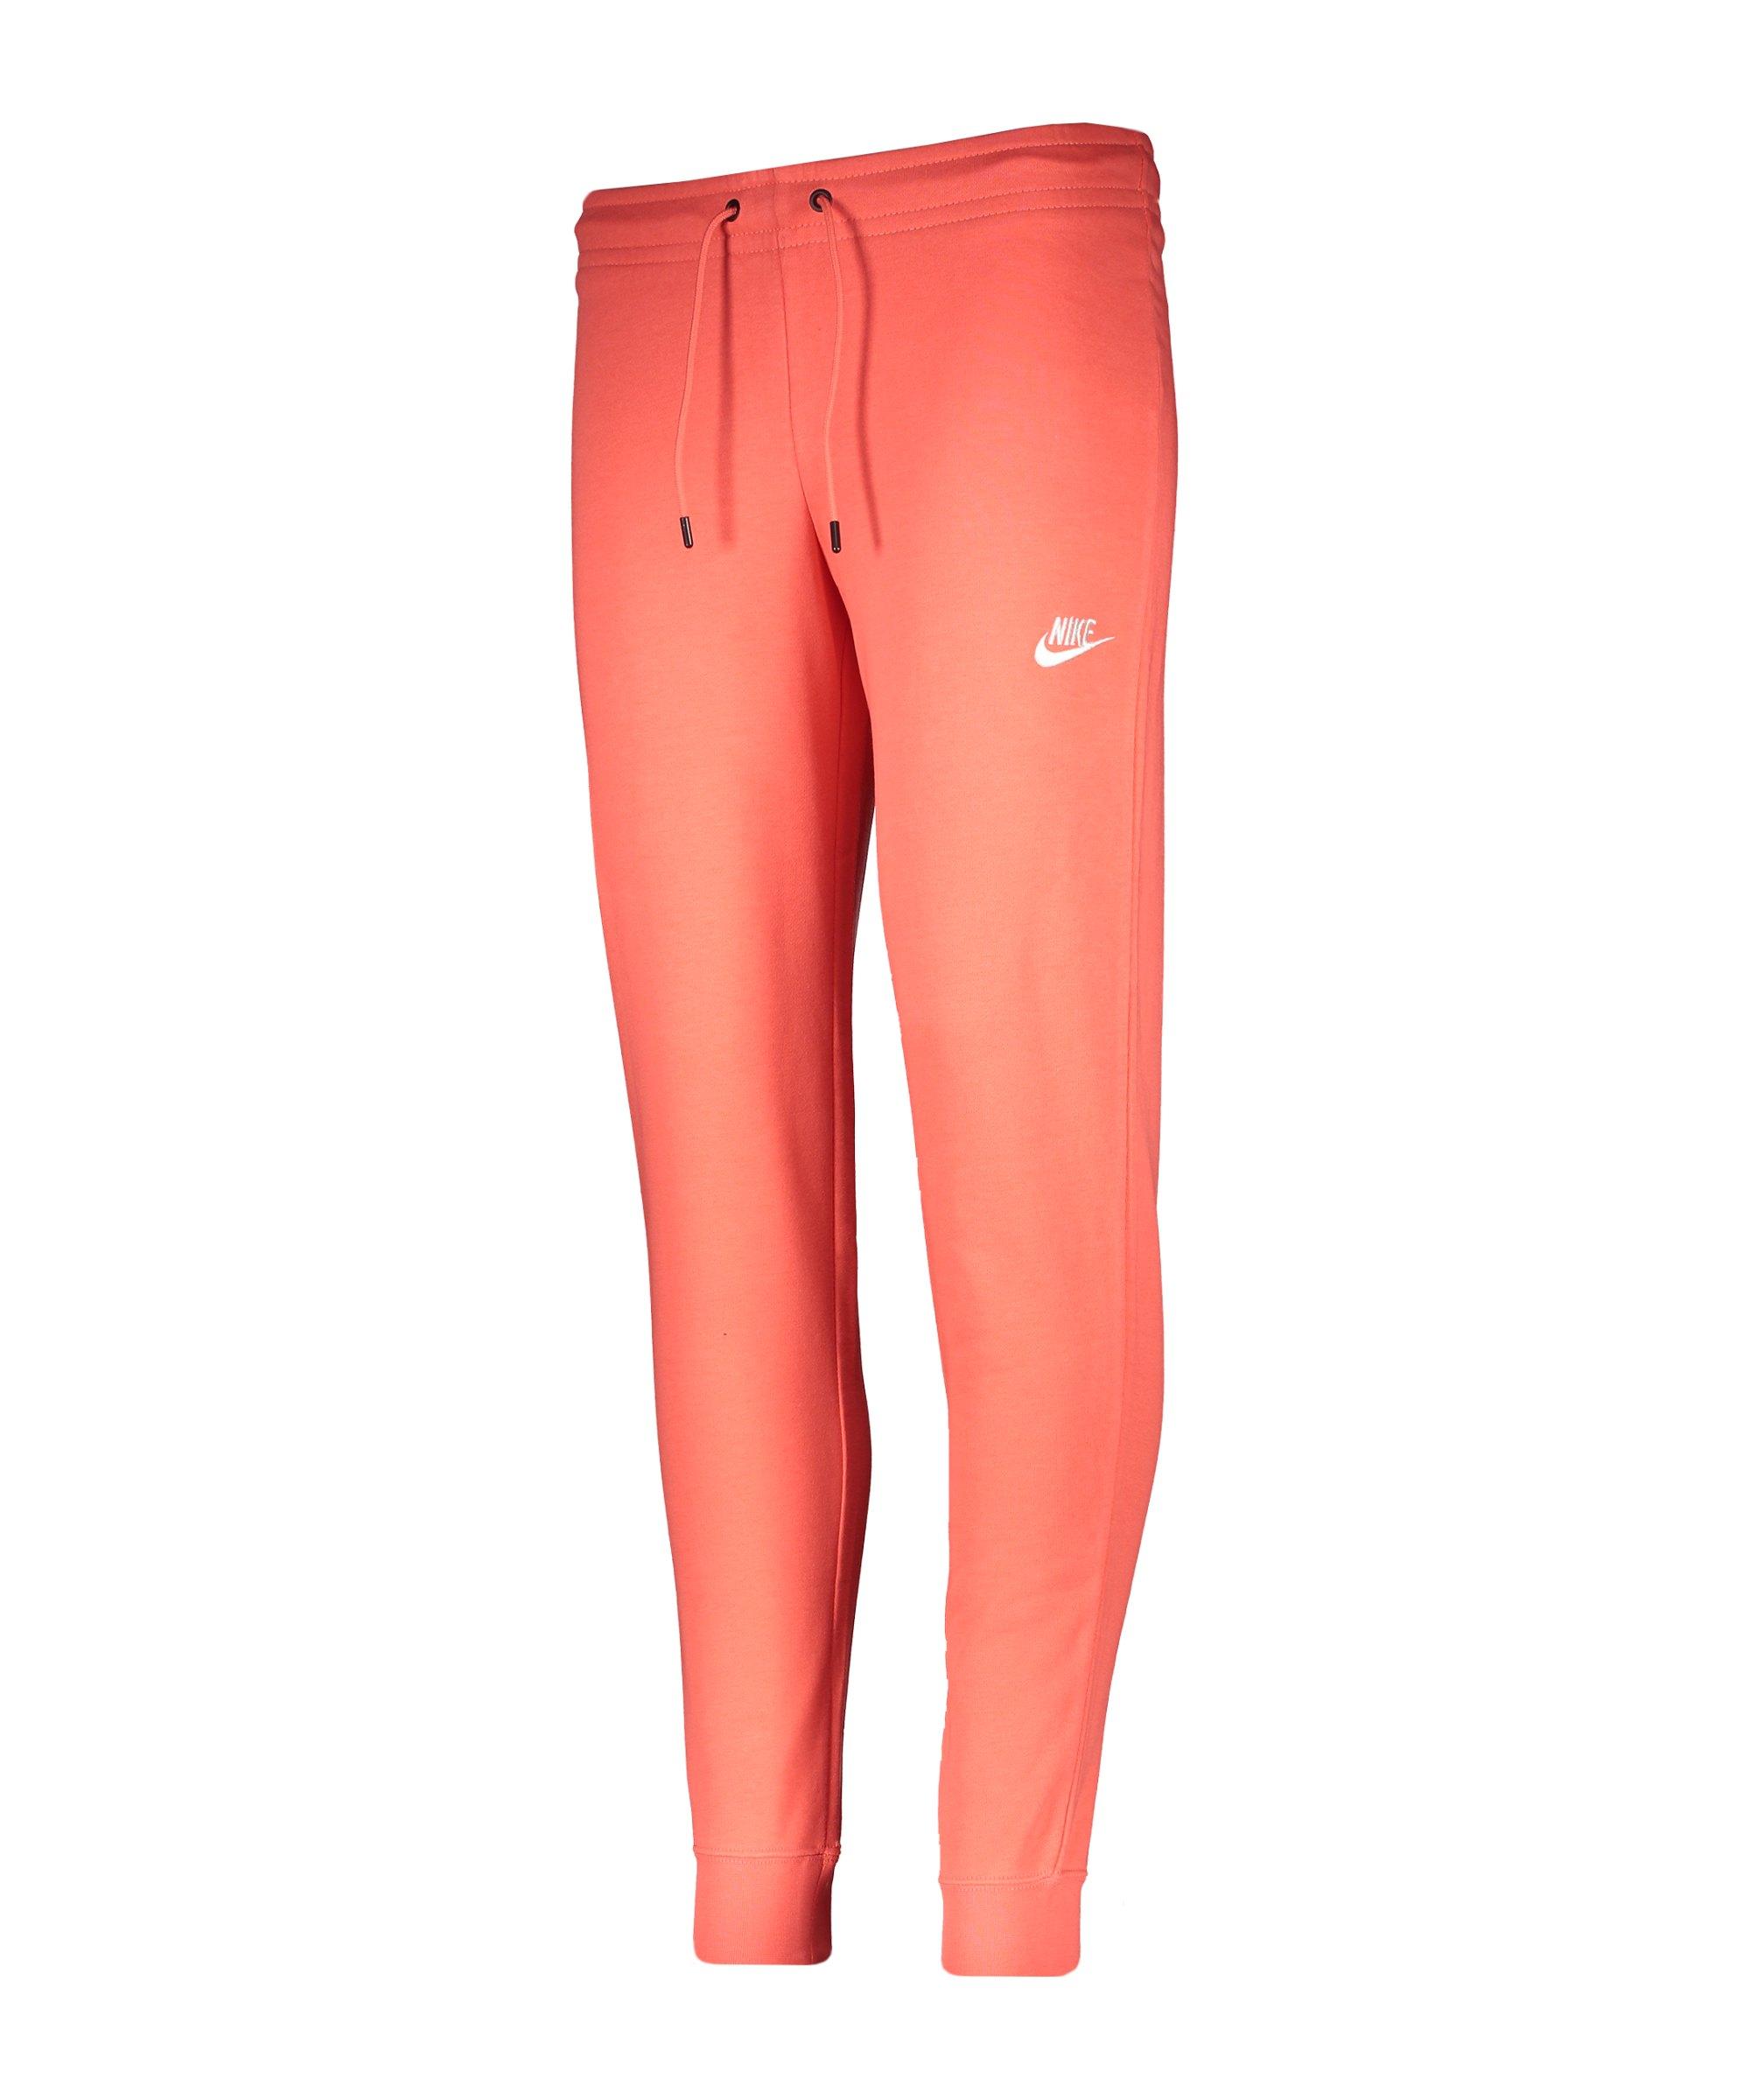 Nike Essential Fleece Jogginghose Damen Rot F814 - orange